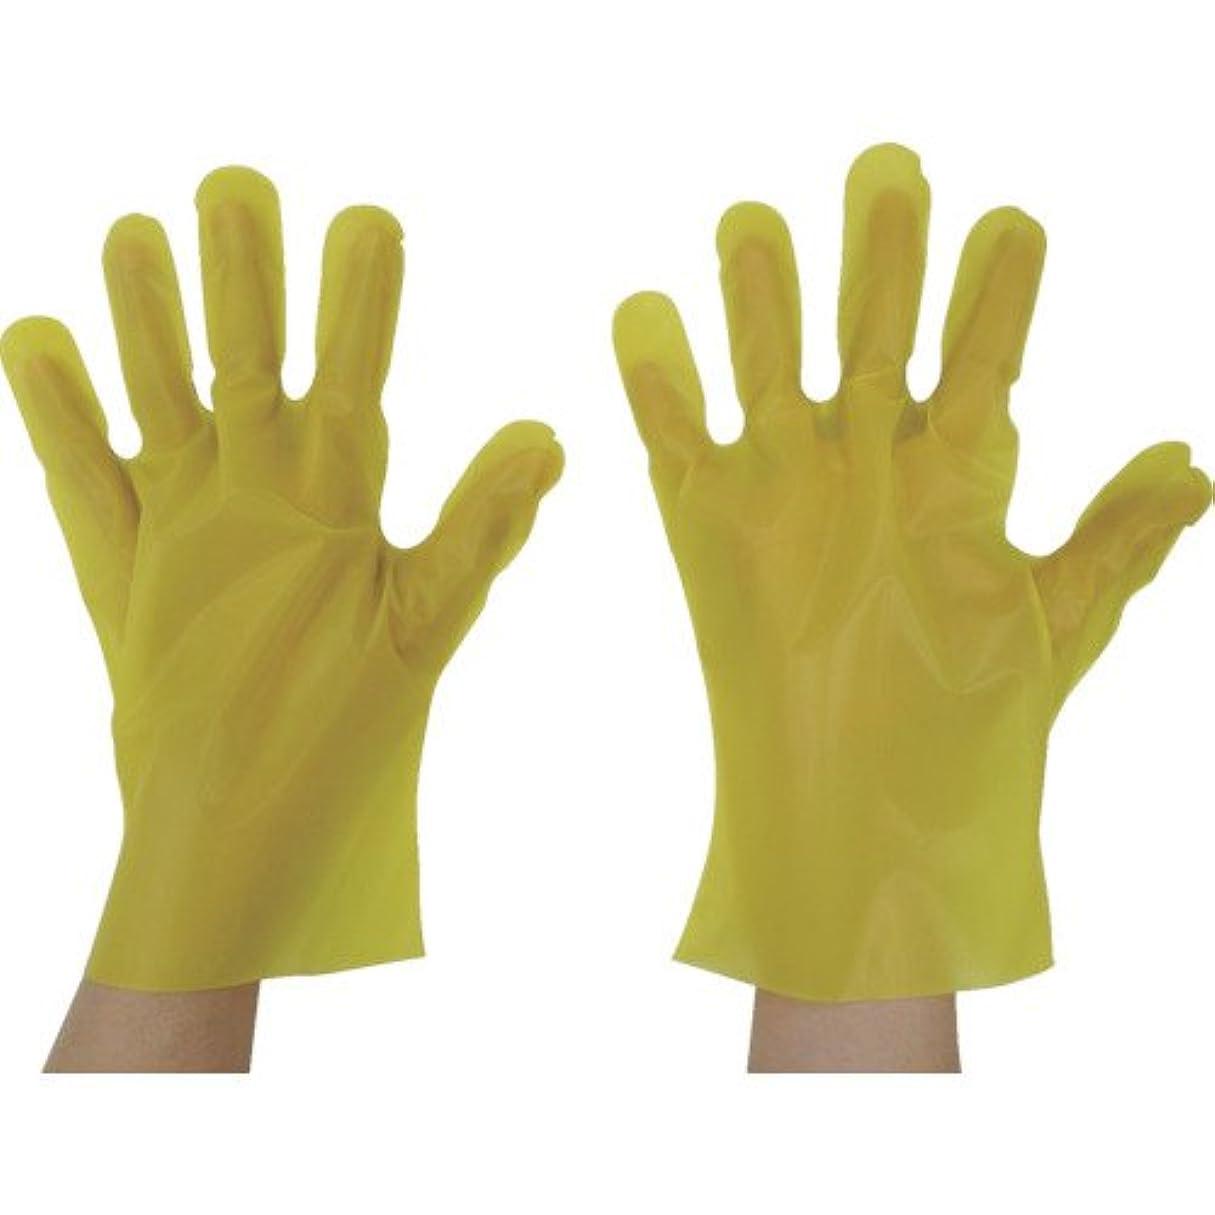 ブラザー合意強度東京パック エンボス手袋五本絞りエコノミー化粧箱L イエロー(入数:200枚) YEK-L